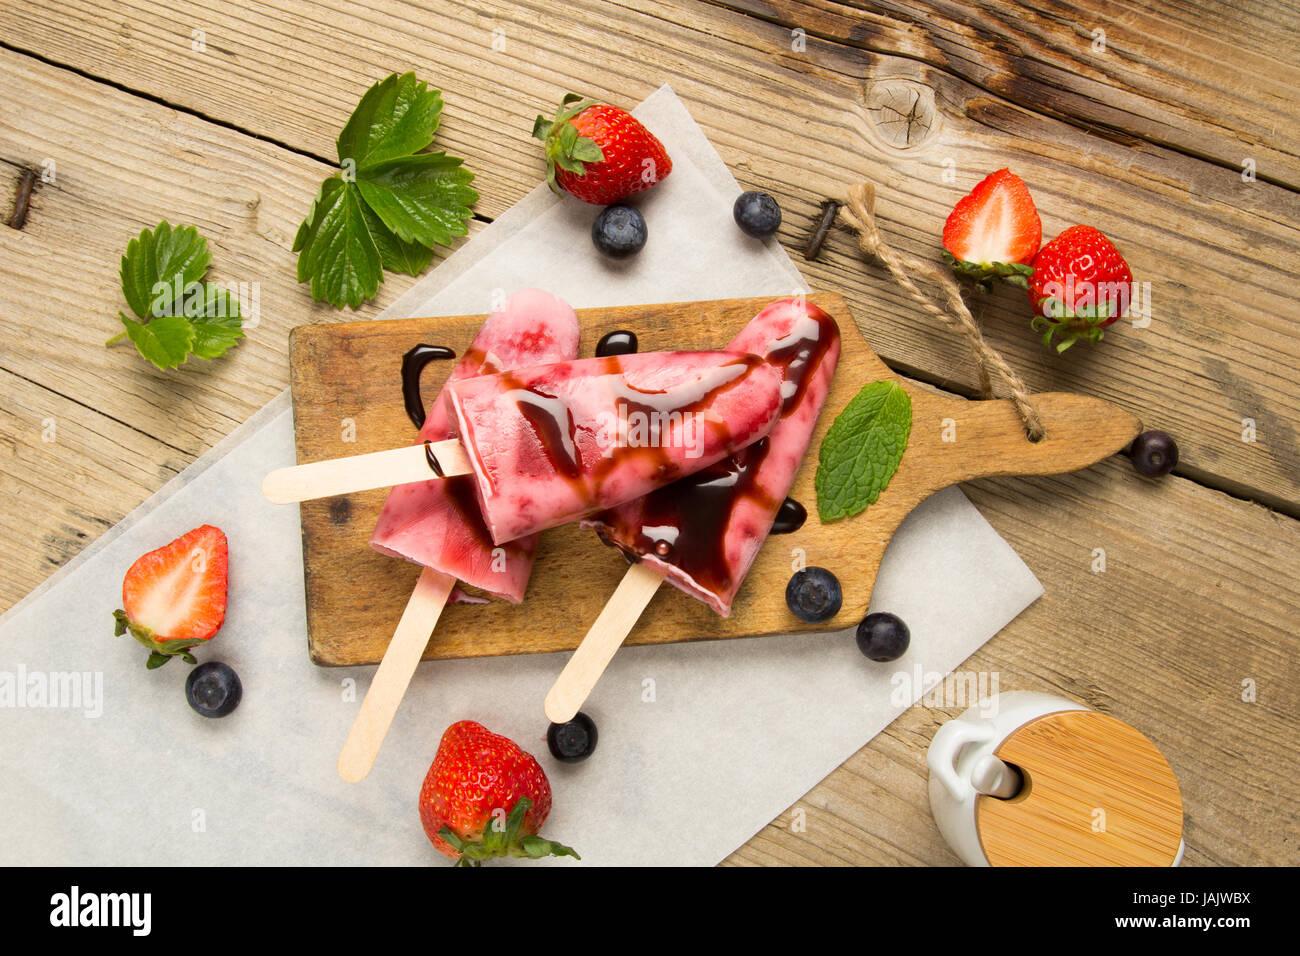 Frische hausgemachte Erdbeereis auf hölzernen Hintergrund. Bio, Vegan Eis am Stiel und Schokoladensauce Stockfoto